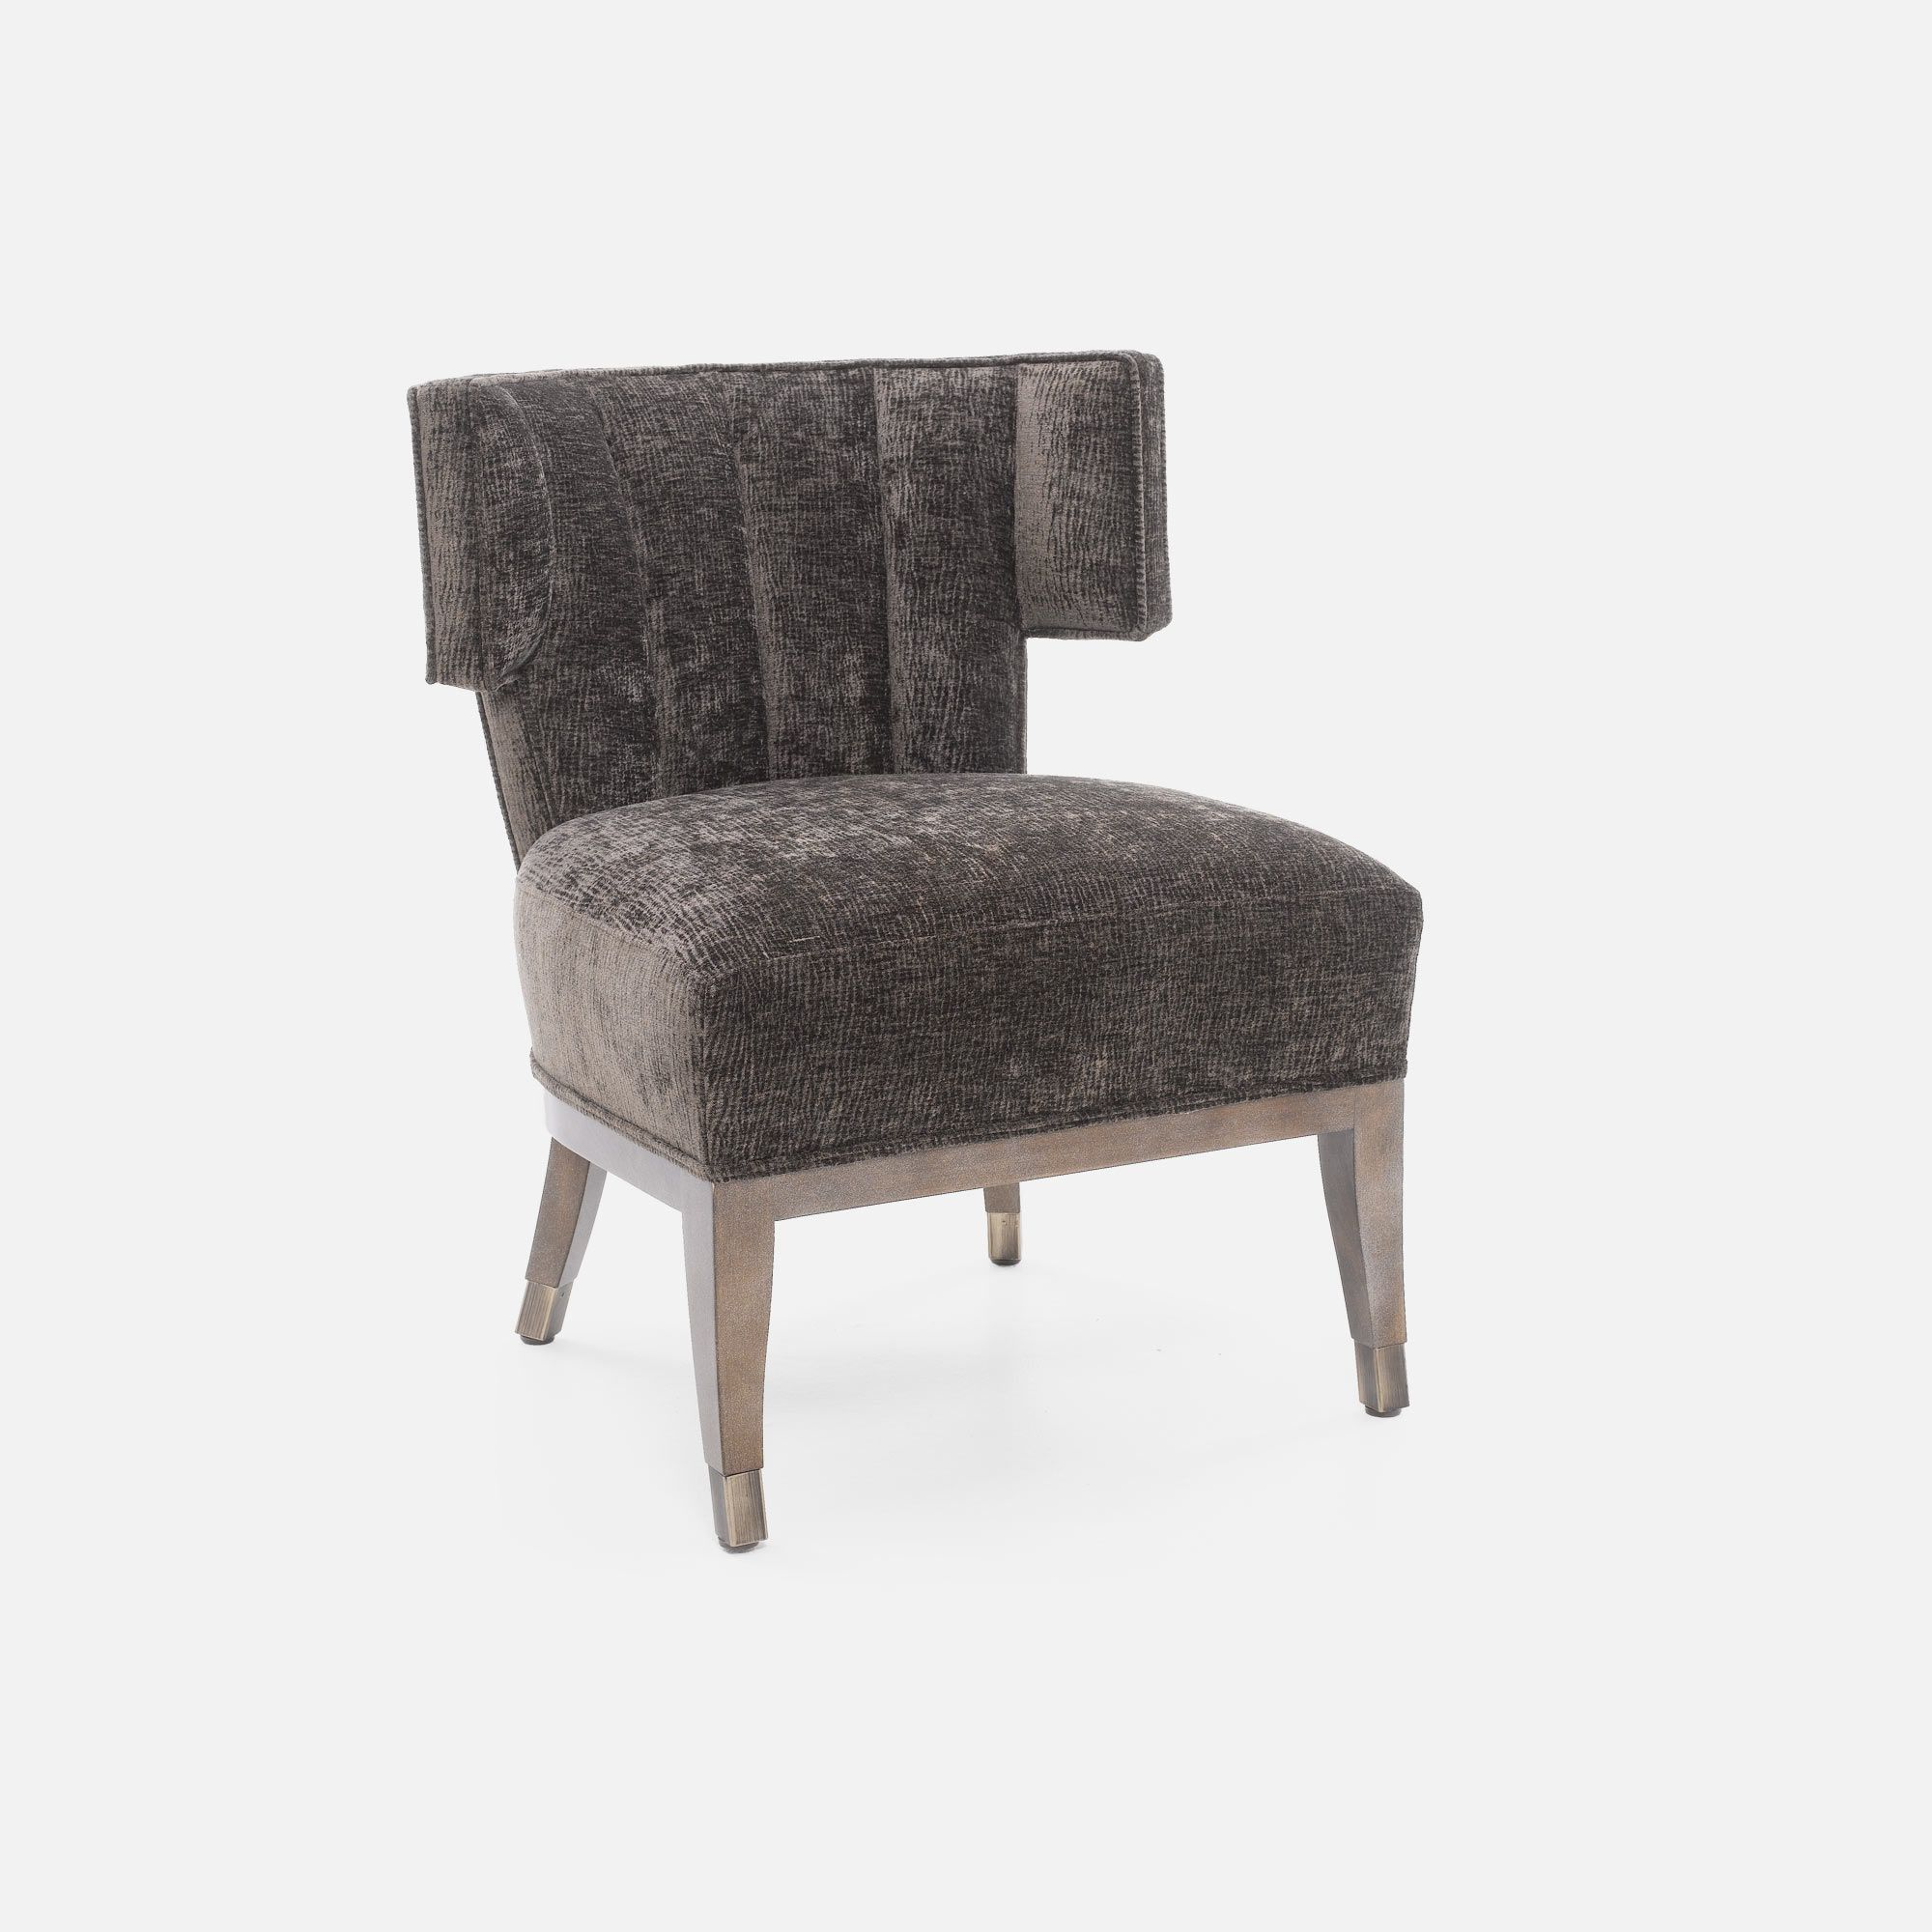 Slipper Chair for Hotel restaurant bar Factory